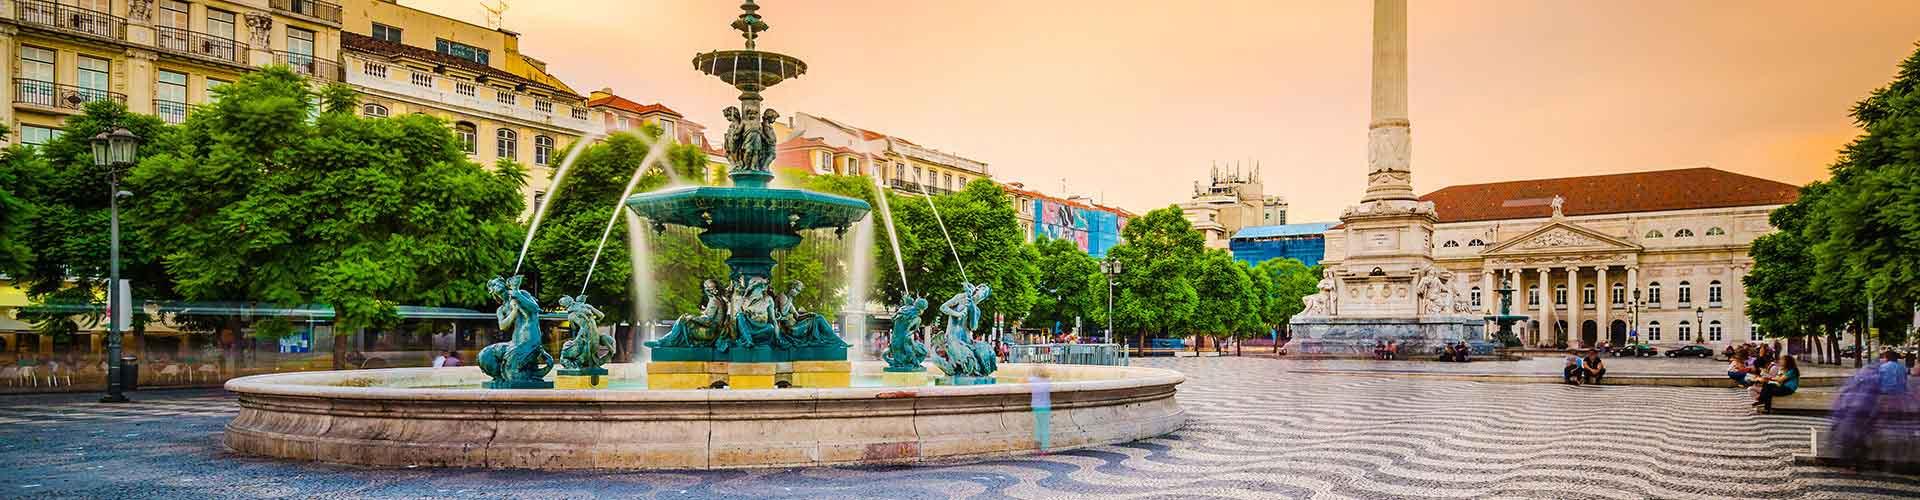 Lissabon – Hostels im Stadtteil Baixa. Lissabon auf der Karte. Fotos und Bewertungen für jedes Hostel in Lissabon.